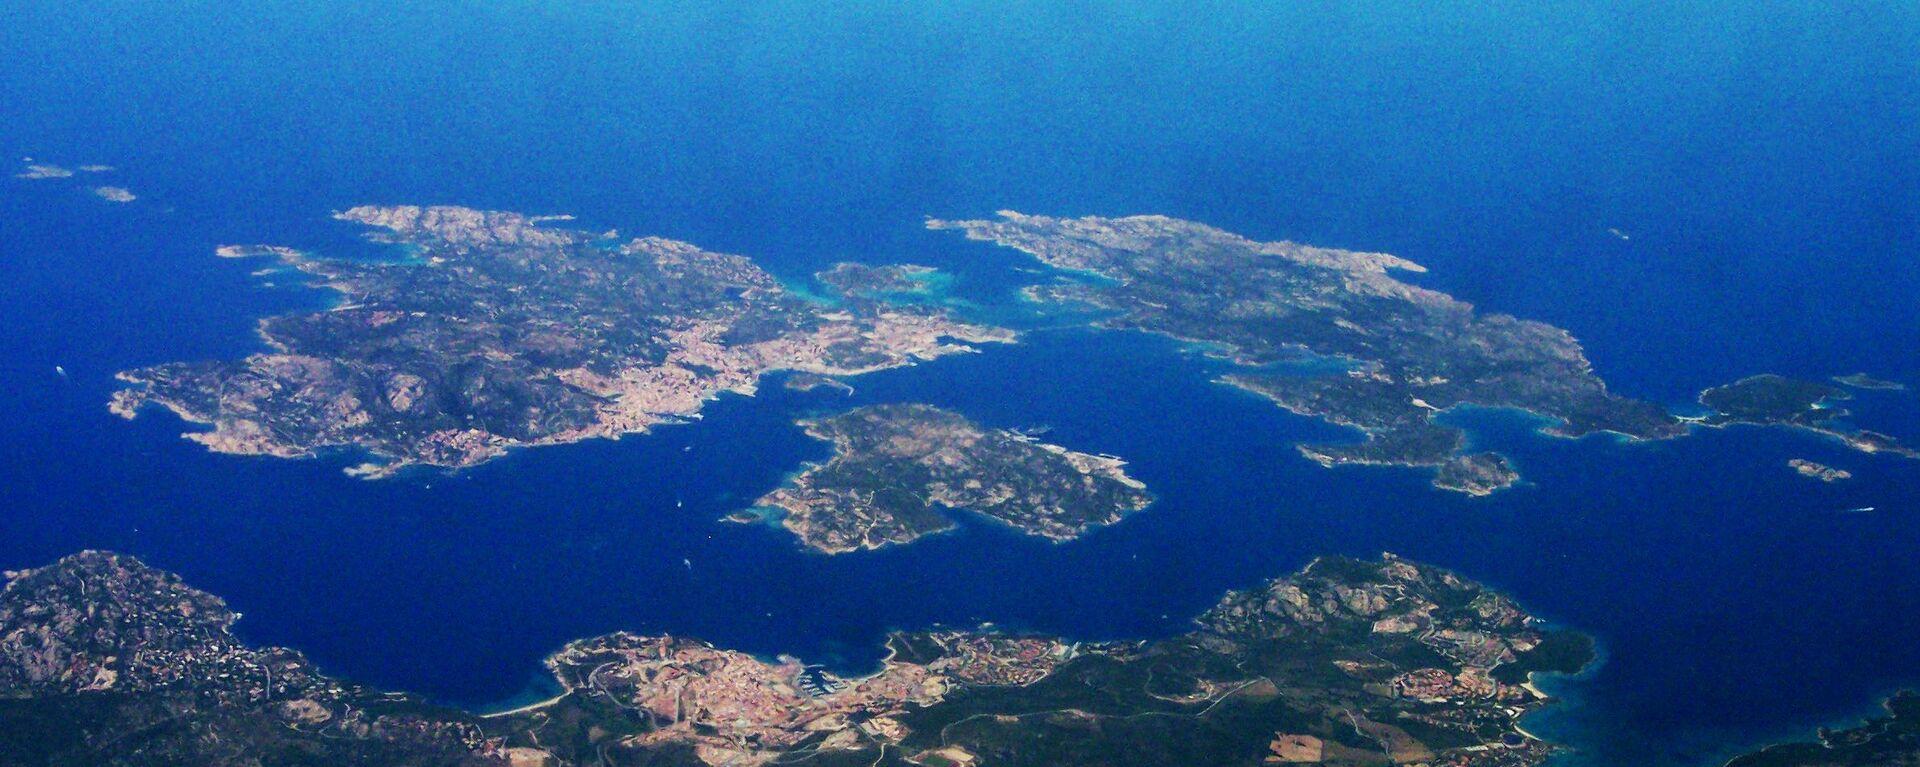 Arcipelago della Maddalena, Sardegna - Sputnik Italia, 1920, 16.06.2021